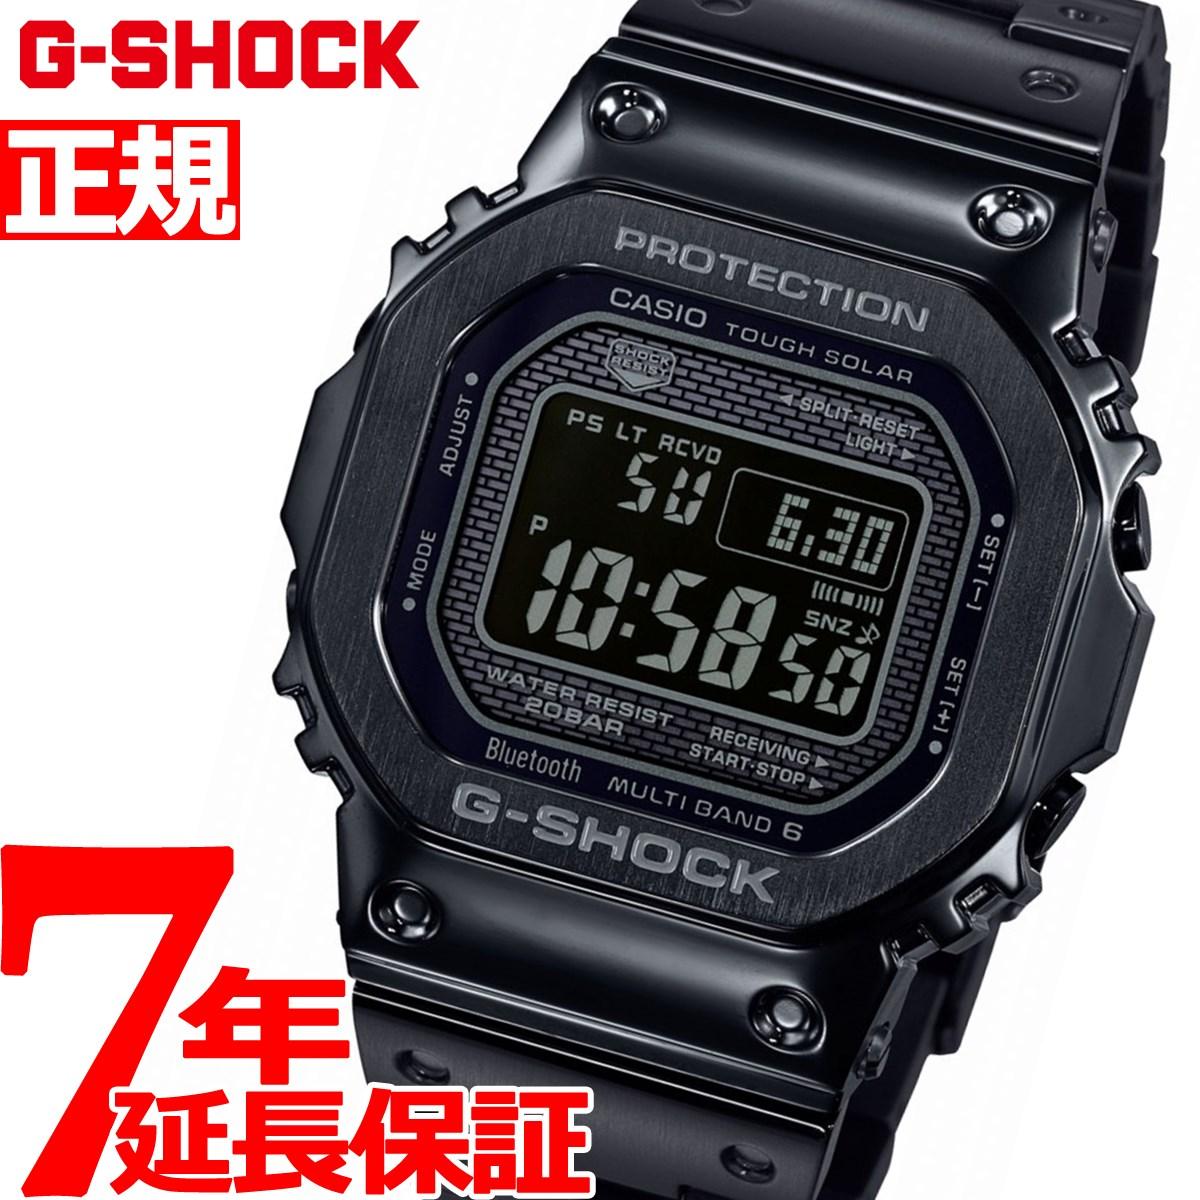 ニールならポイント最大35倍!30日23時59分まで!カシオ Gショック CASIO G-SHOCK タフソーラー 電波時計 デジタル 腕時計 メンズ ブラック GMW-B5000GD-1JF【2018 新作】